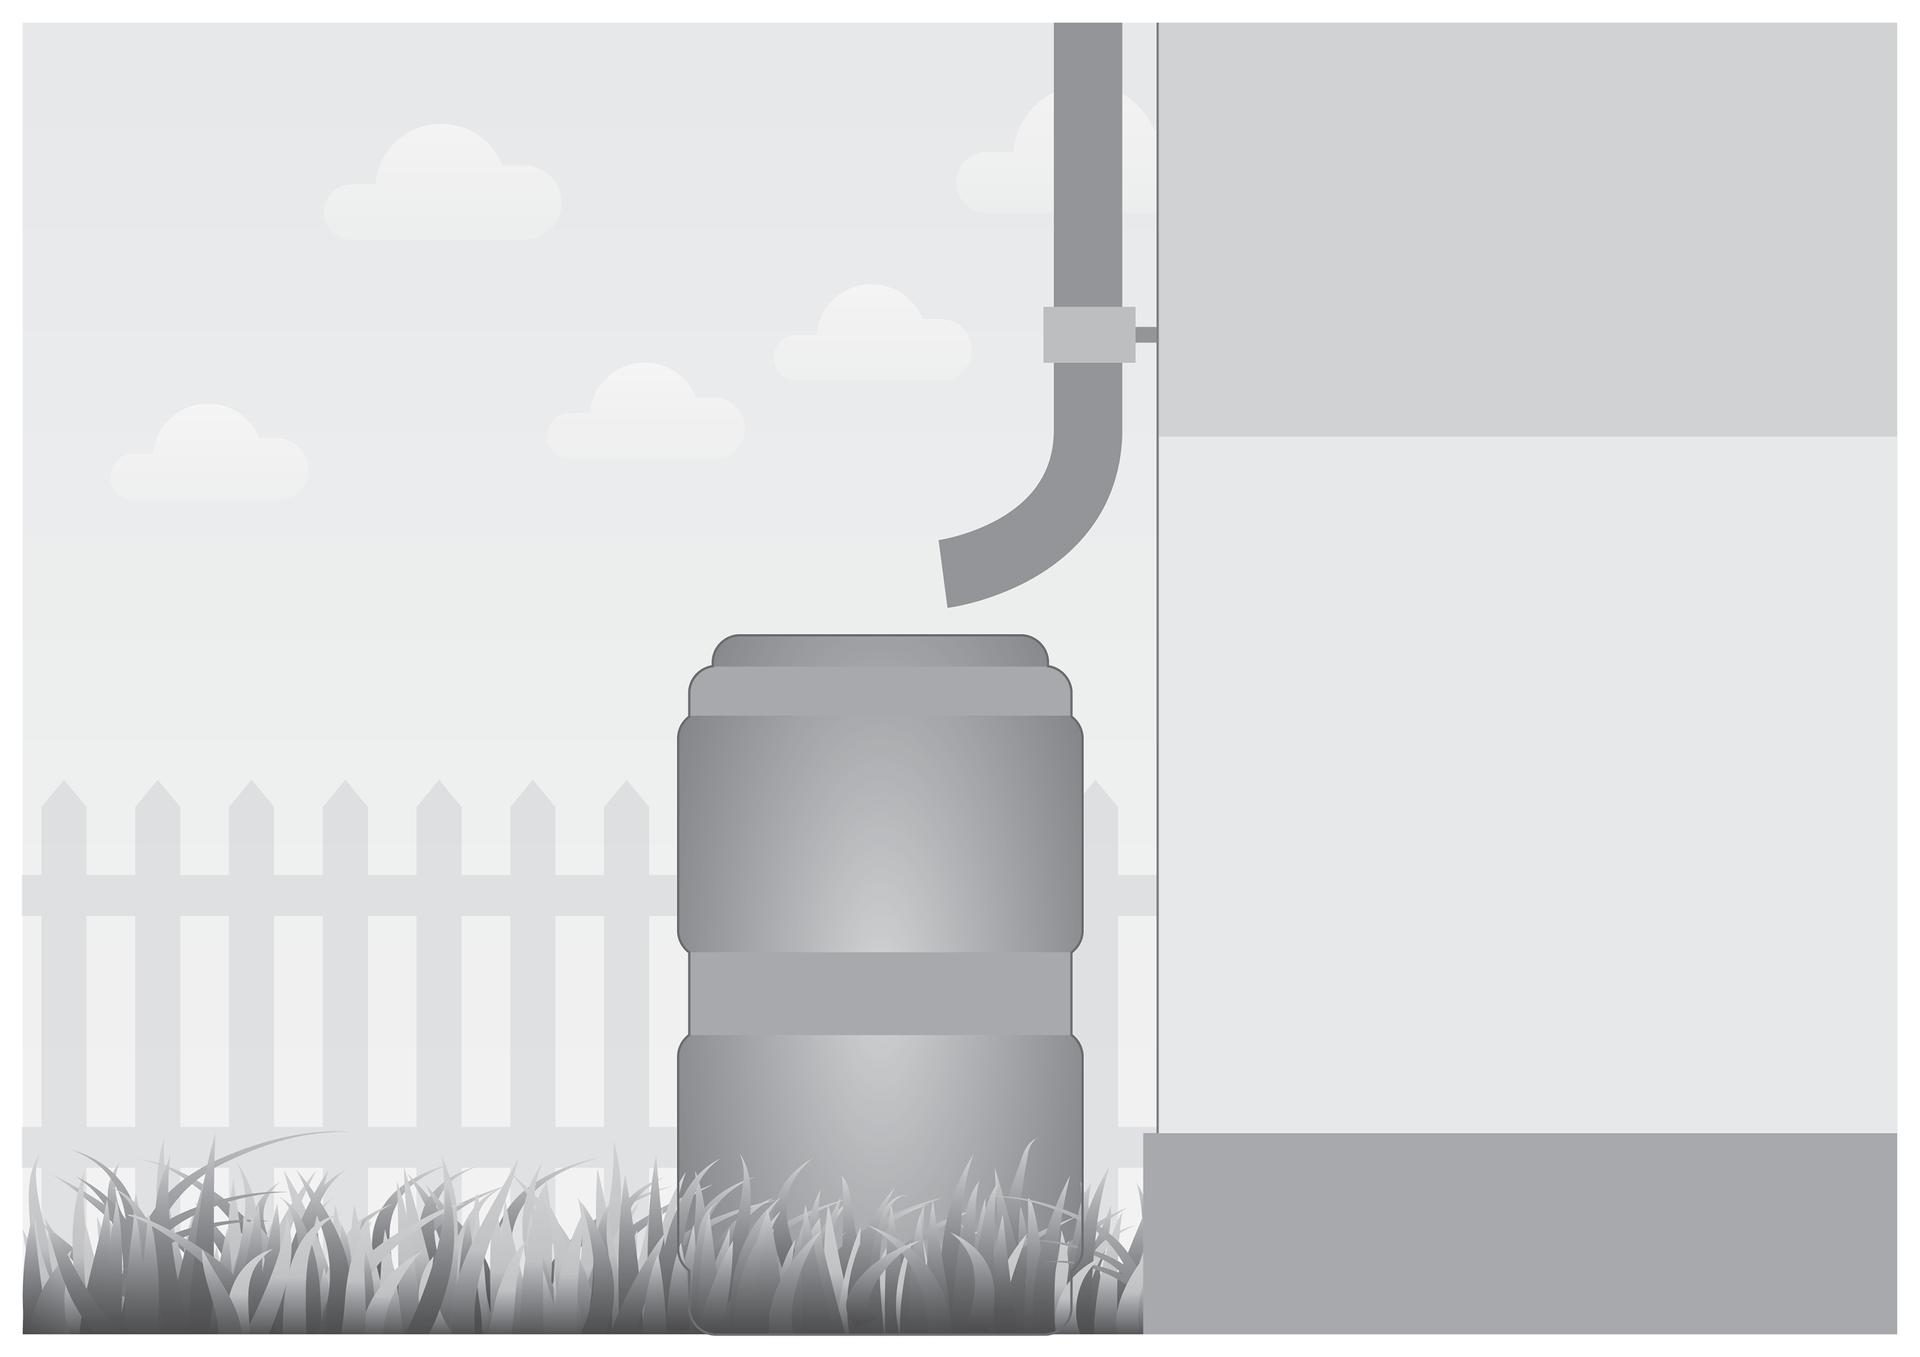 Czwarta ilustracja wgalerii. Przedstawia czarno biały rysunek narożnika budynku zpłotem wtle. Na narożniku zamontowana jest rynna zakończona na wysokości około 1,5 metra nad trawiastą powierzchnią ziemi. Pod rynną umieszczona duża beczka do zbierania deszczówki.